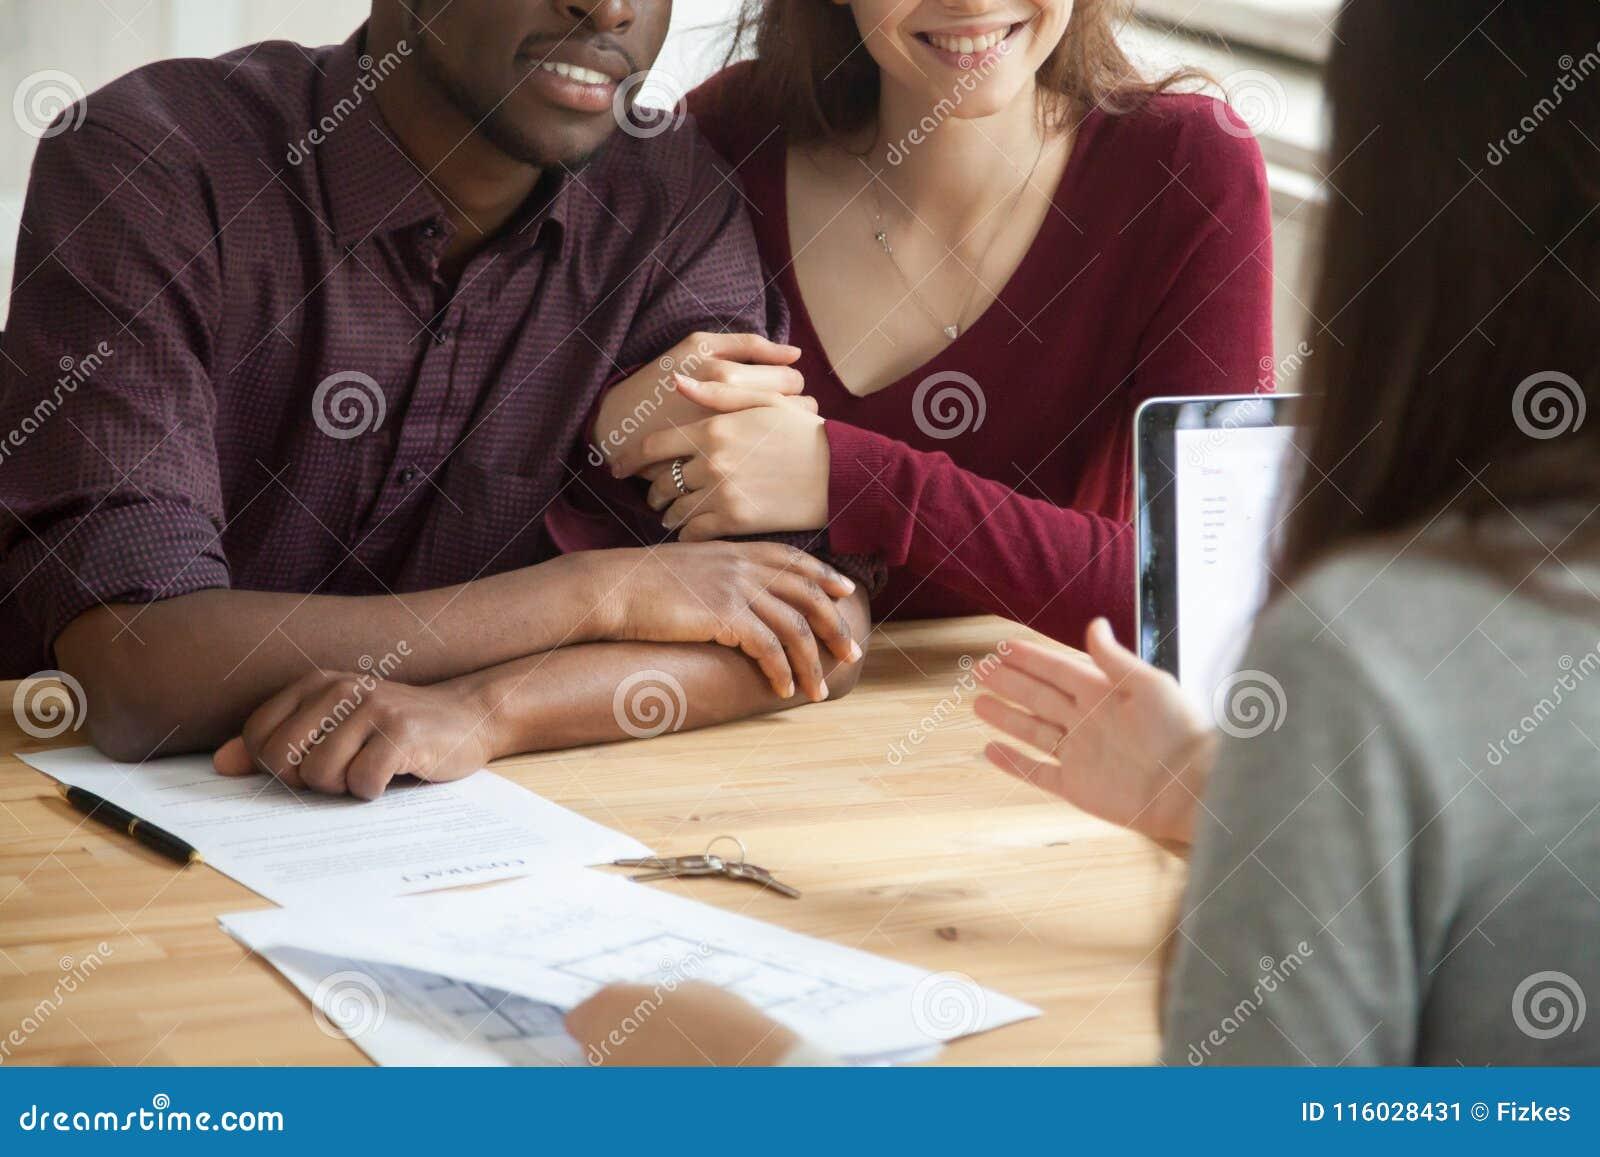 Sluit omhoog van gelukkig multiraciaal paar het kopen huis